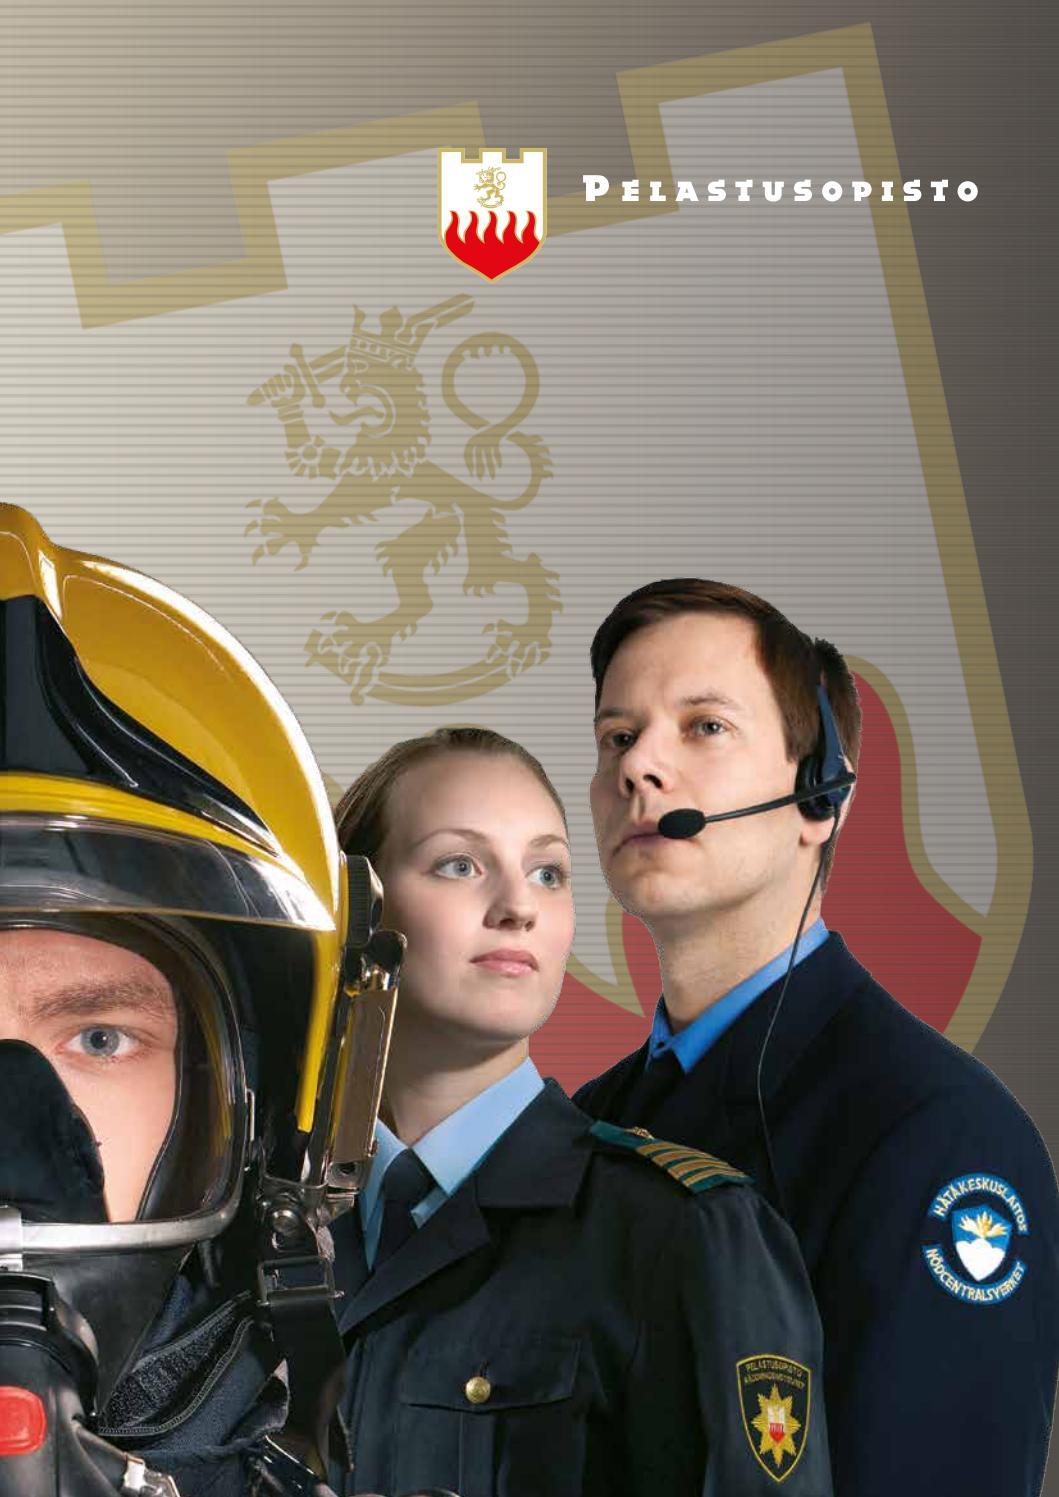 Hätäkeskuspäivystäjän Koulutus